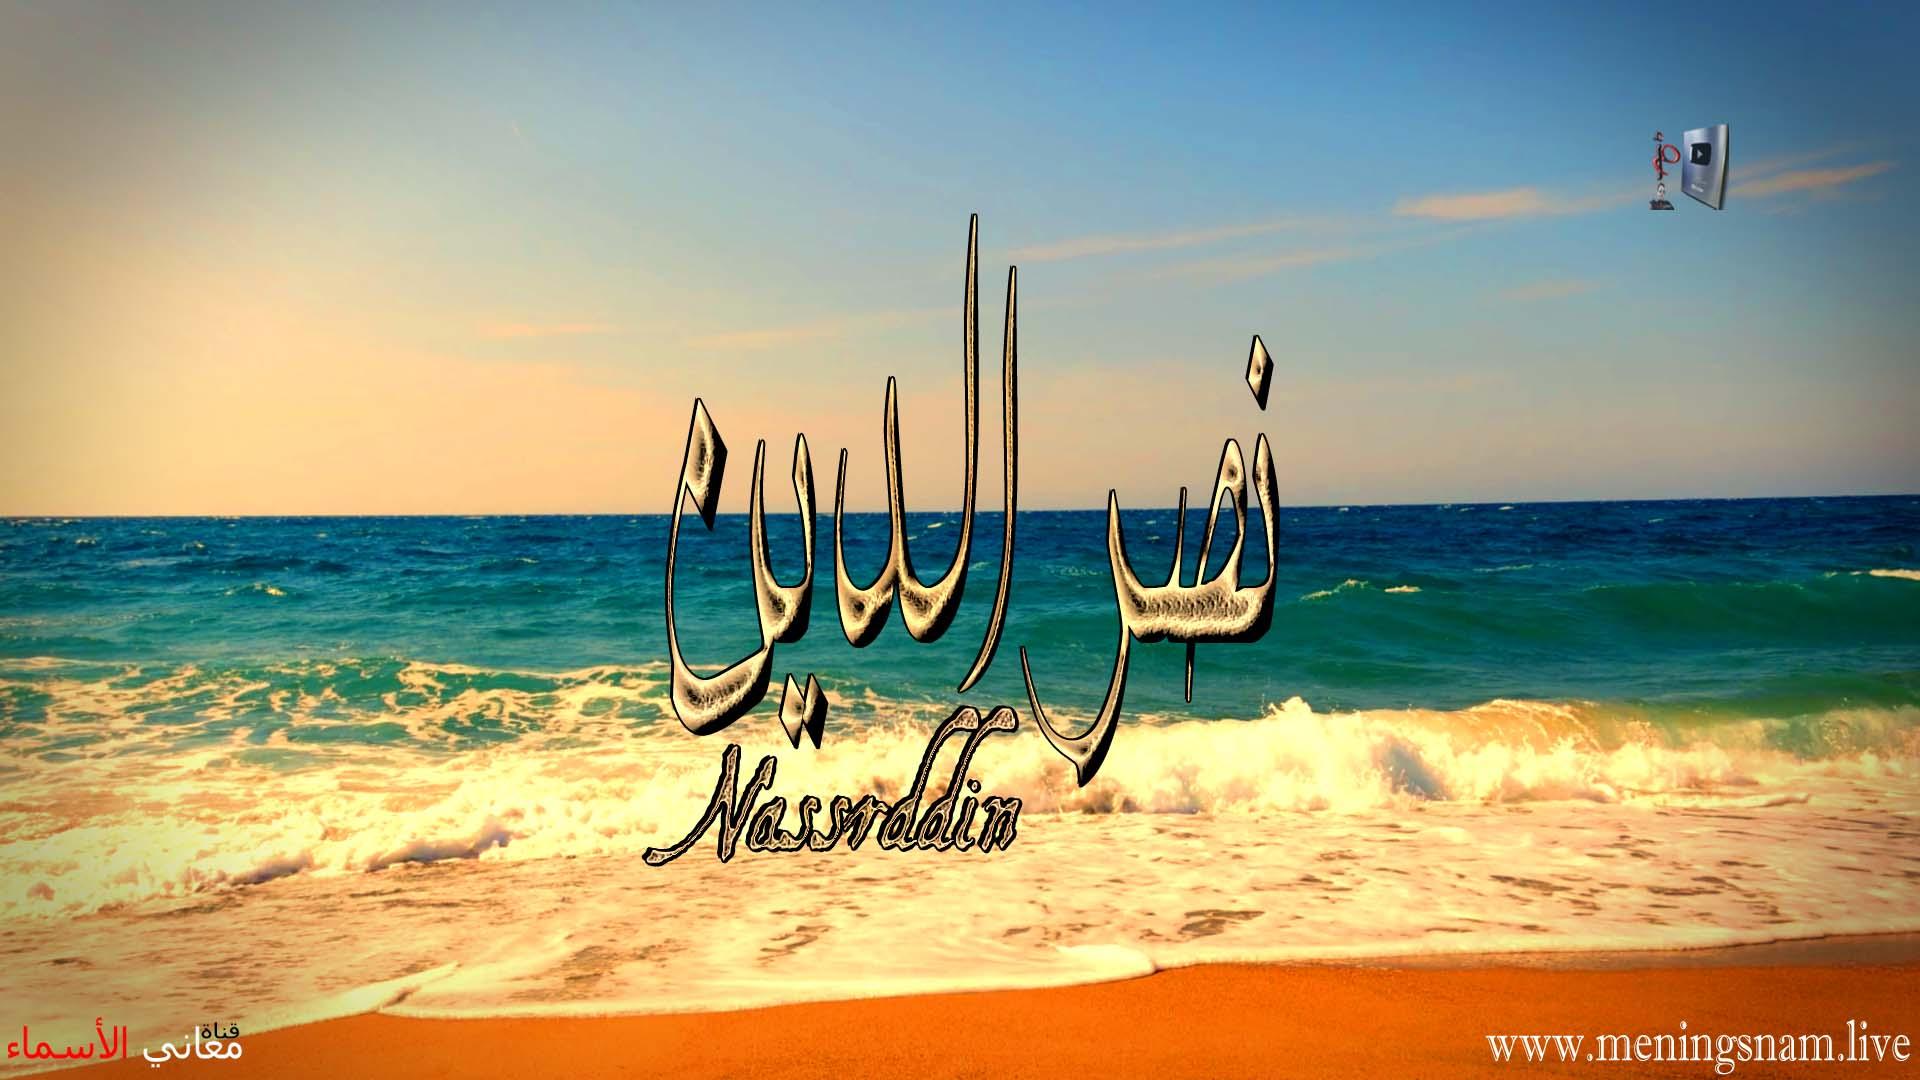 معنى اسم نصر الدين وصفات حامل هذا الاسم Nassrddin